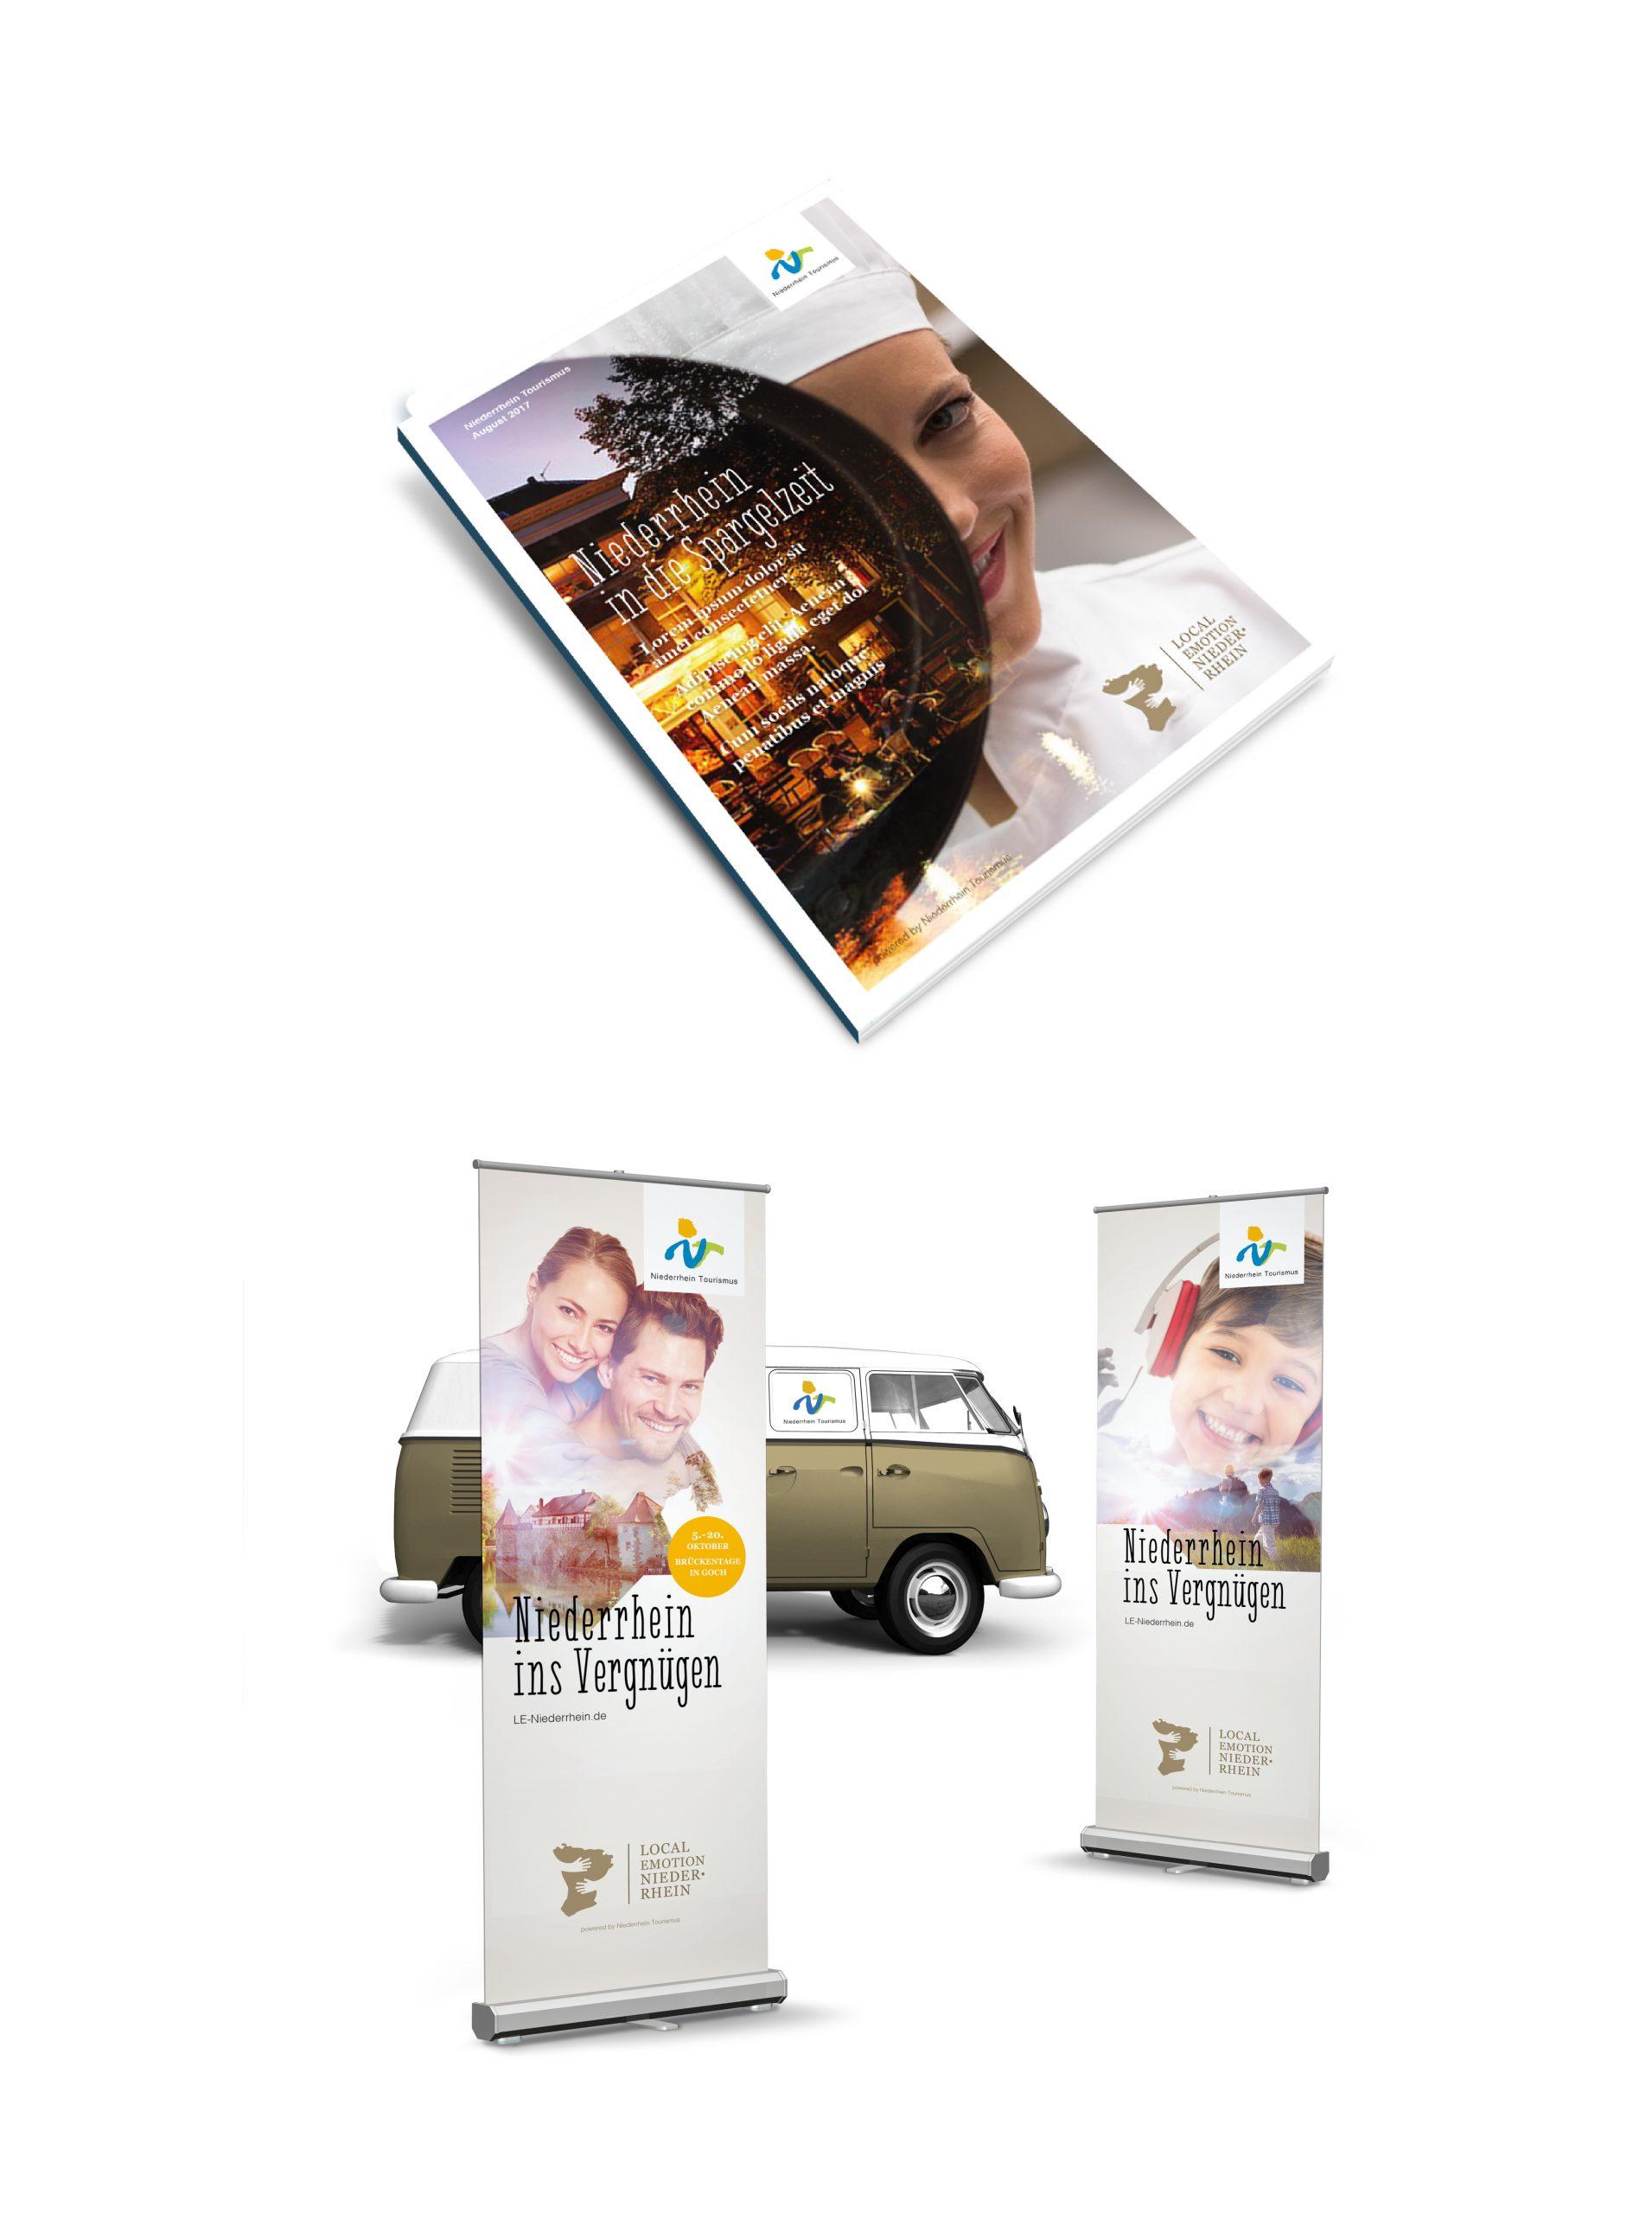 Kommunikationskonzept Kampagnen-Entwicklung Niederrhein Tourismus Bosbach